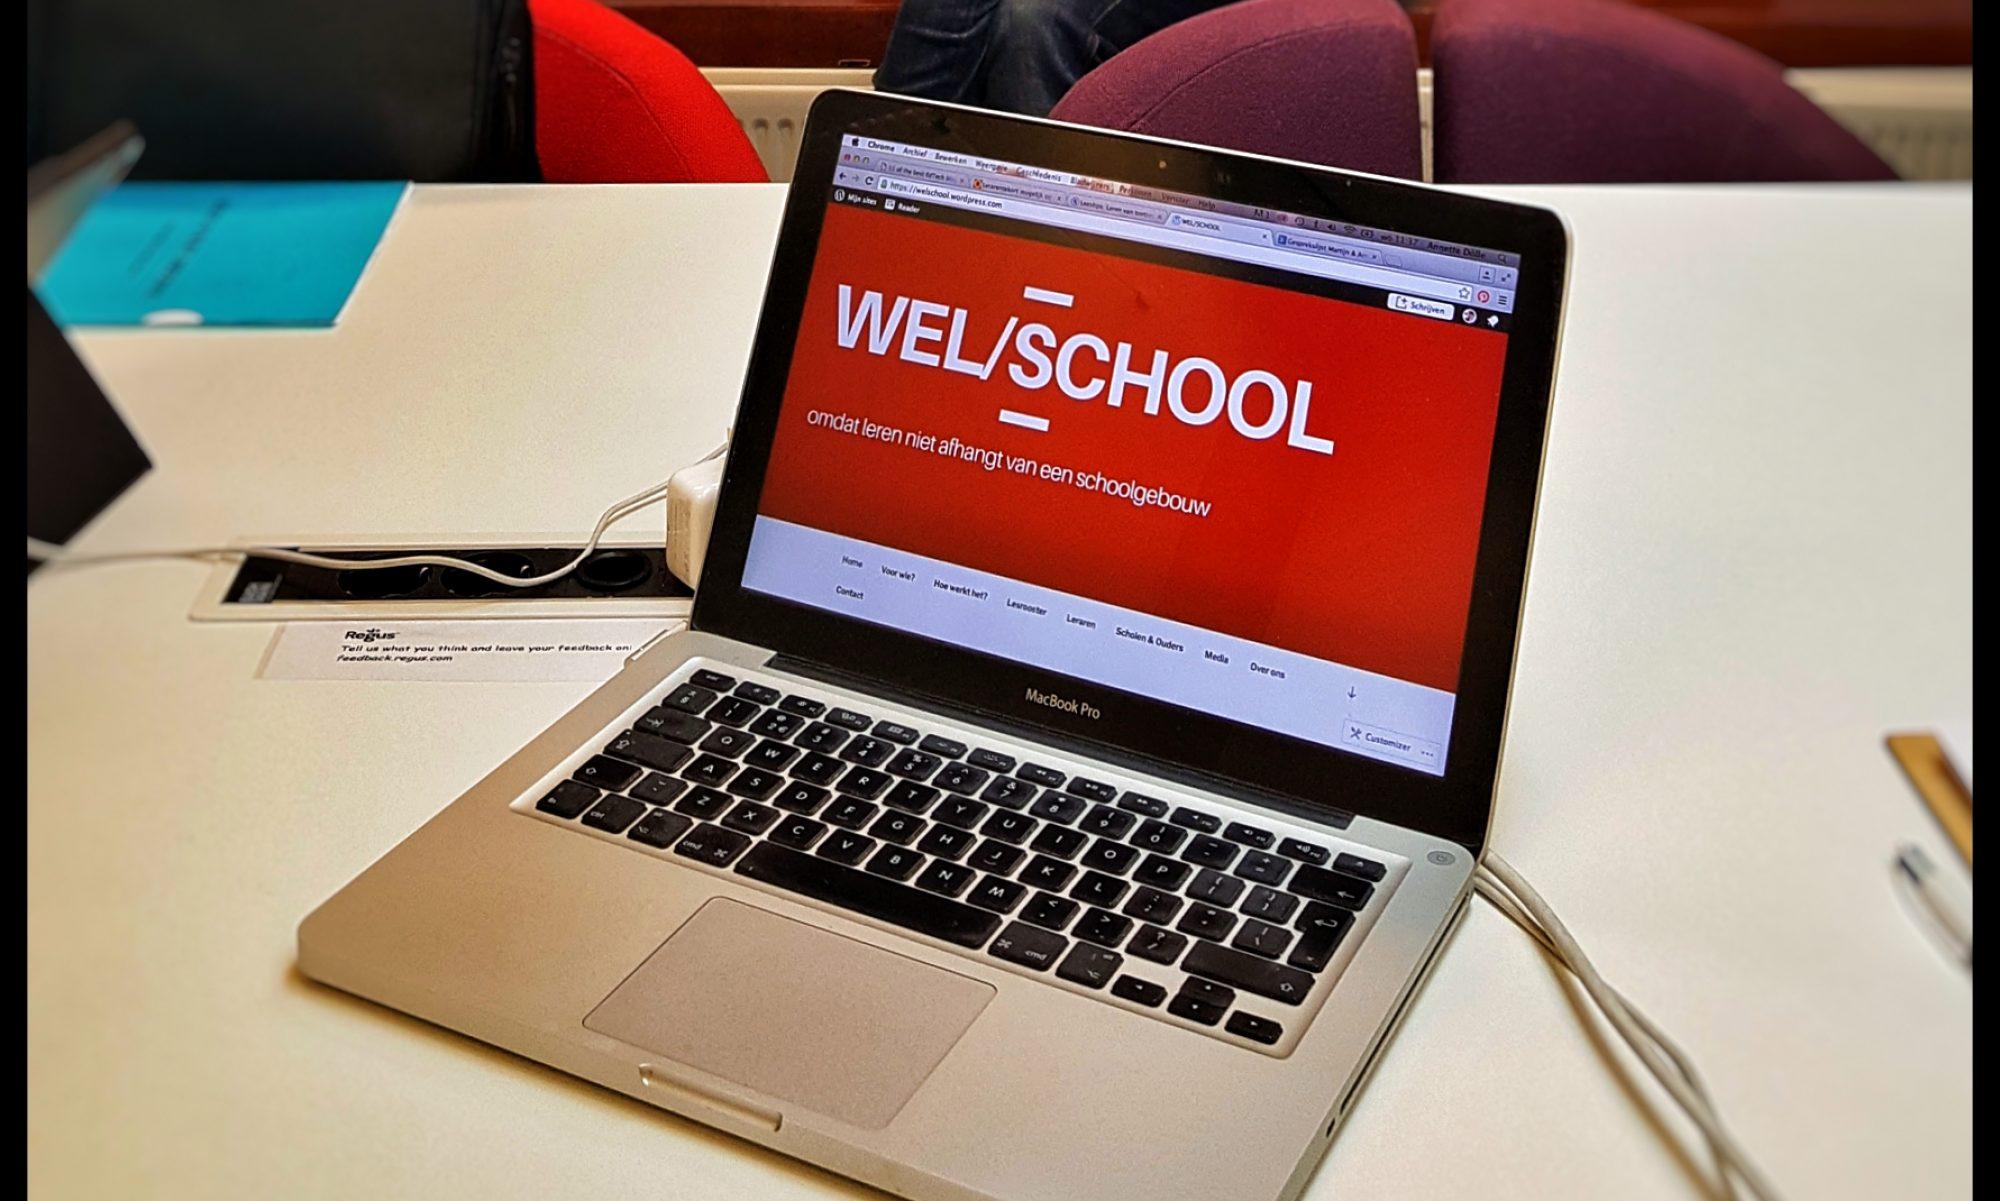 WEL/SCHOOL